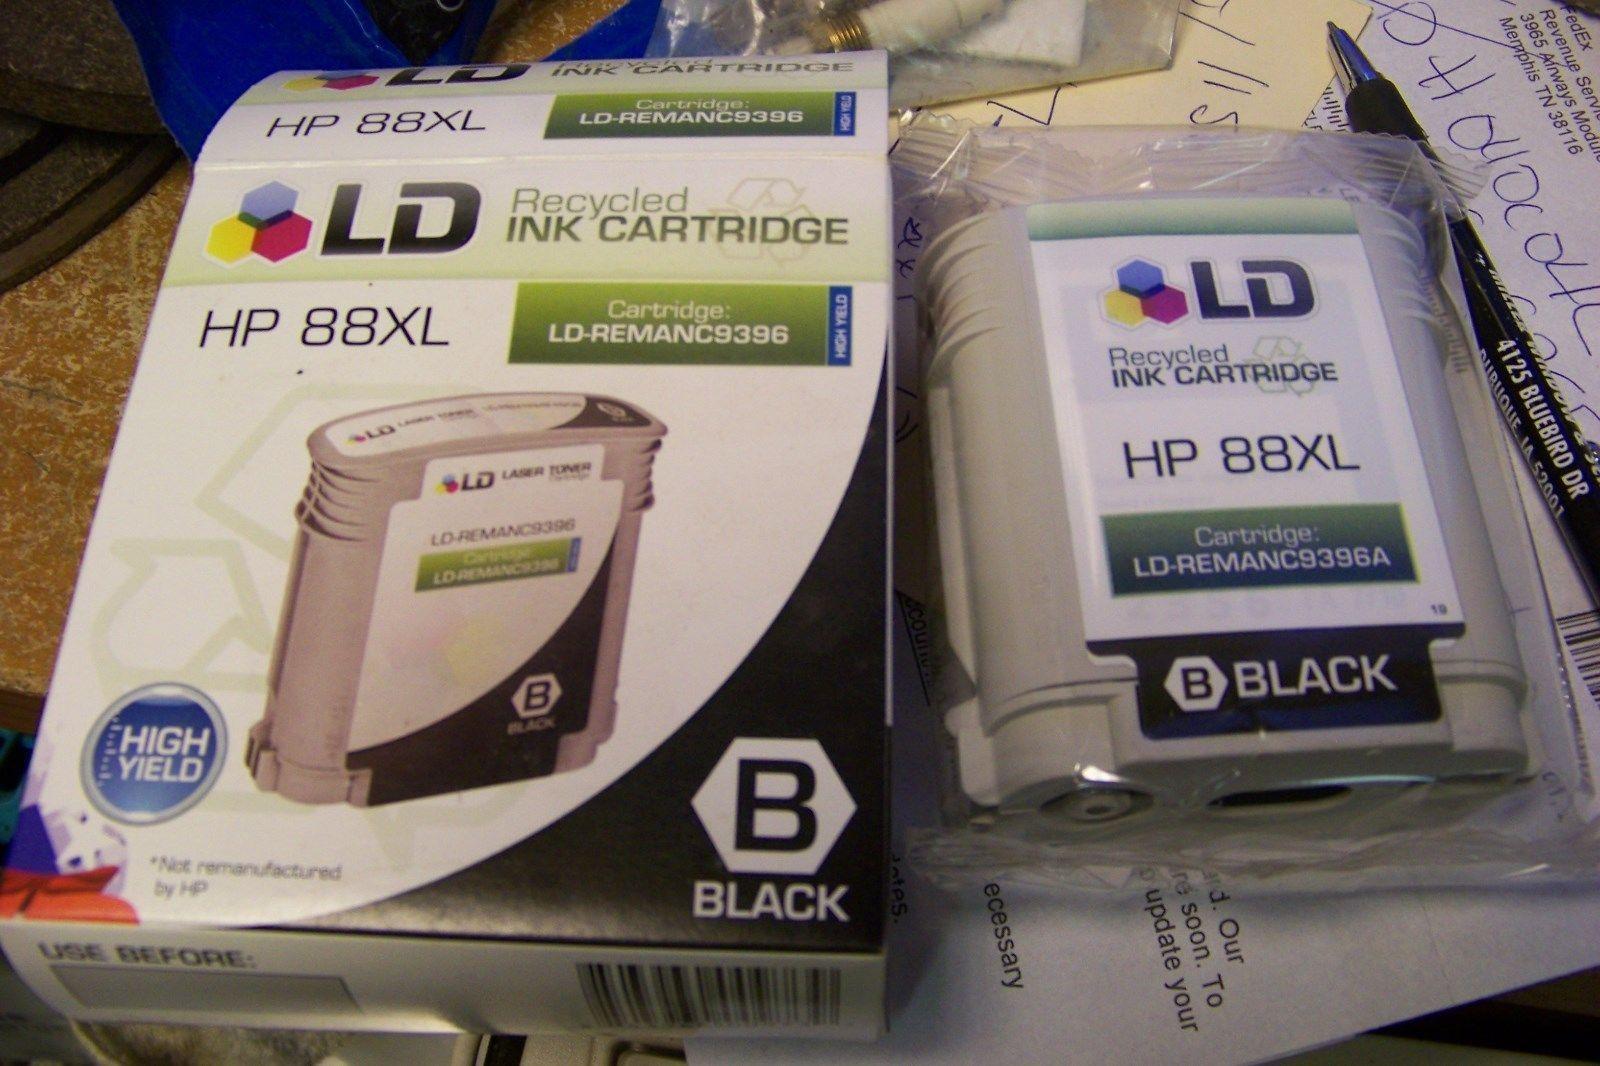 LD Remanufactured Replacement Ink Cartridge 4 Hewlett Packard C9396AN (HP 88XL)